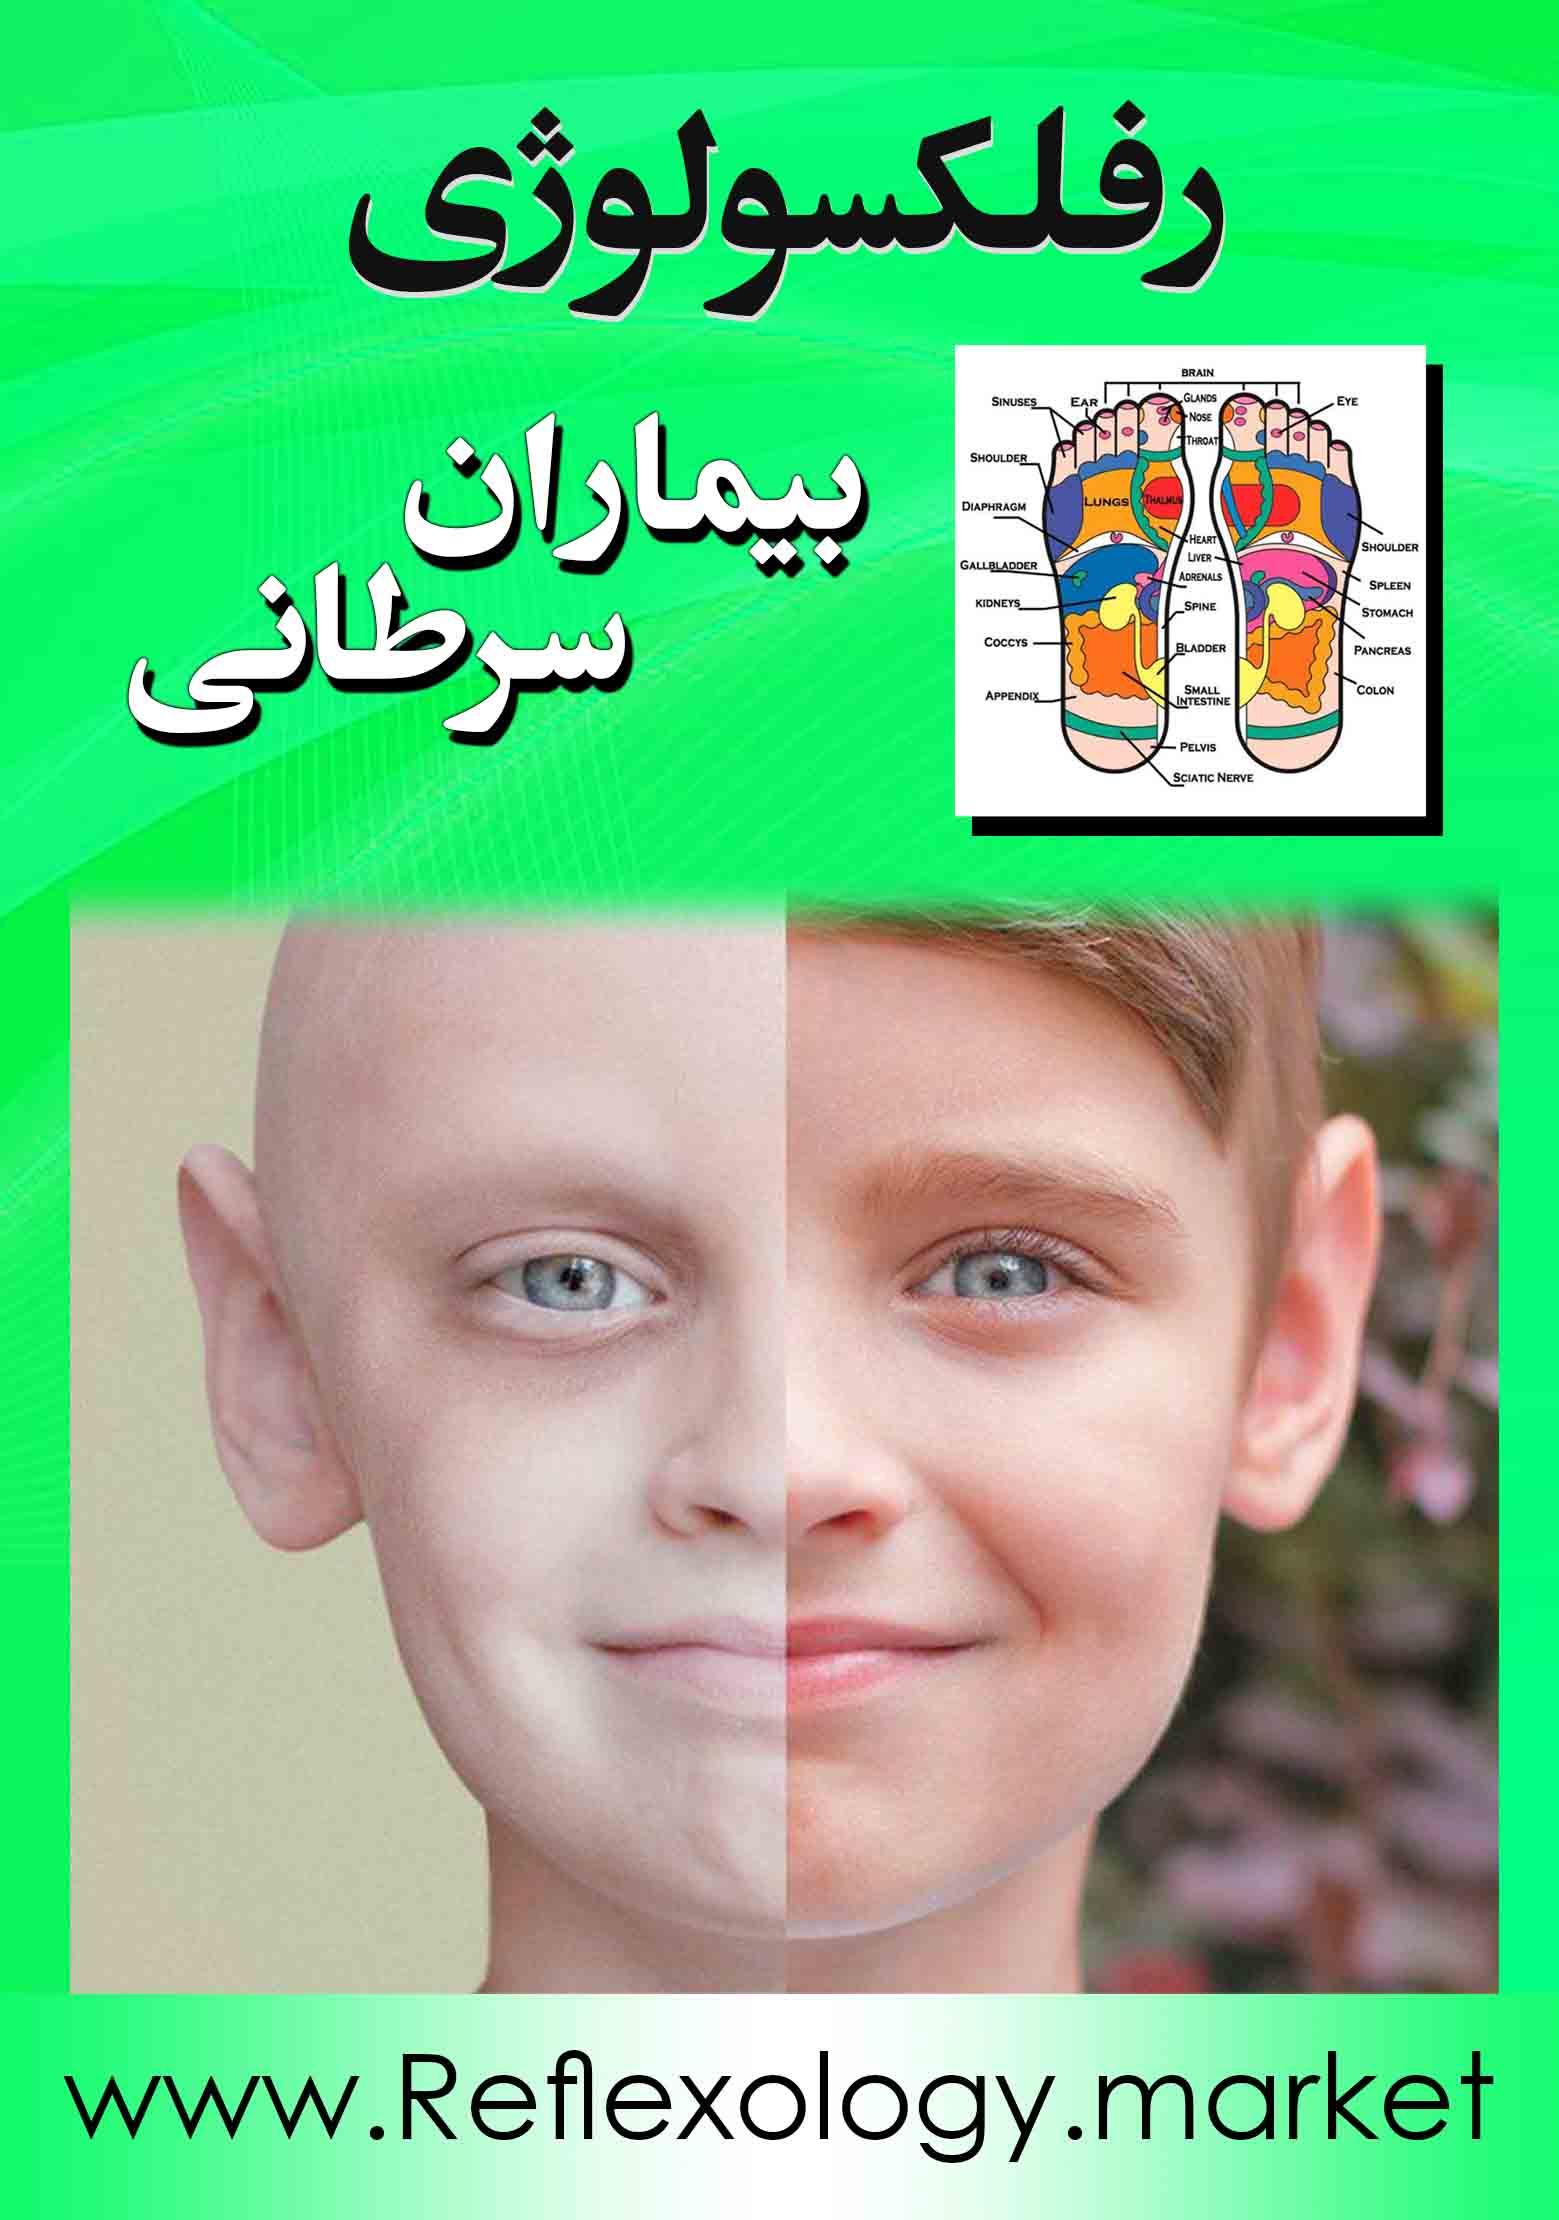 جدیدترین روش درمان سرطان